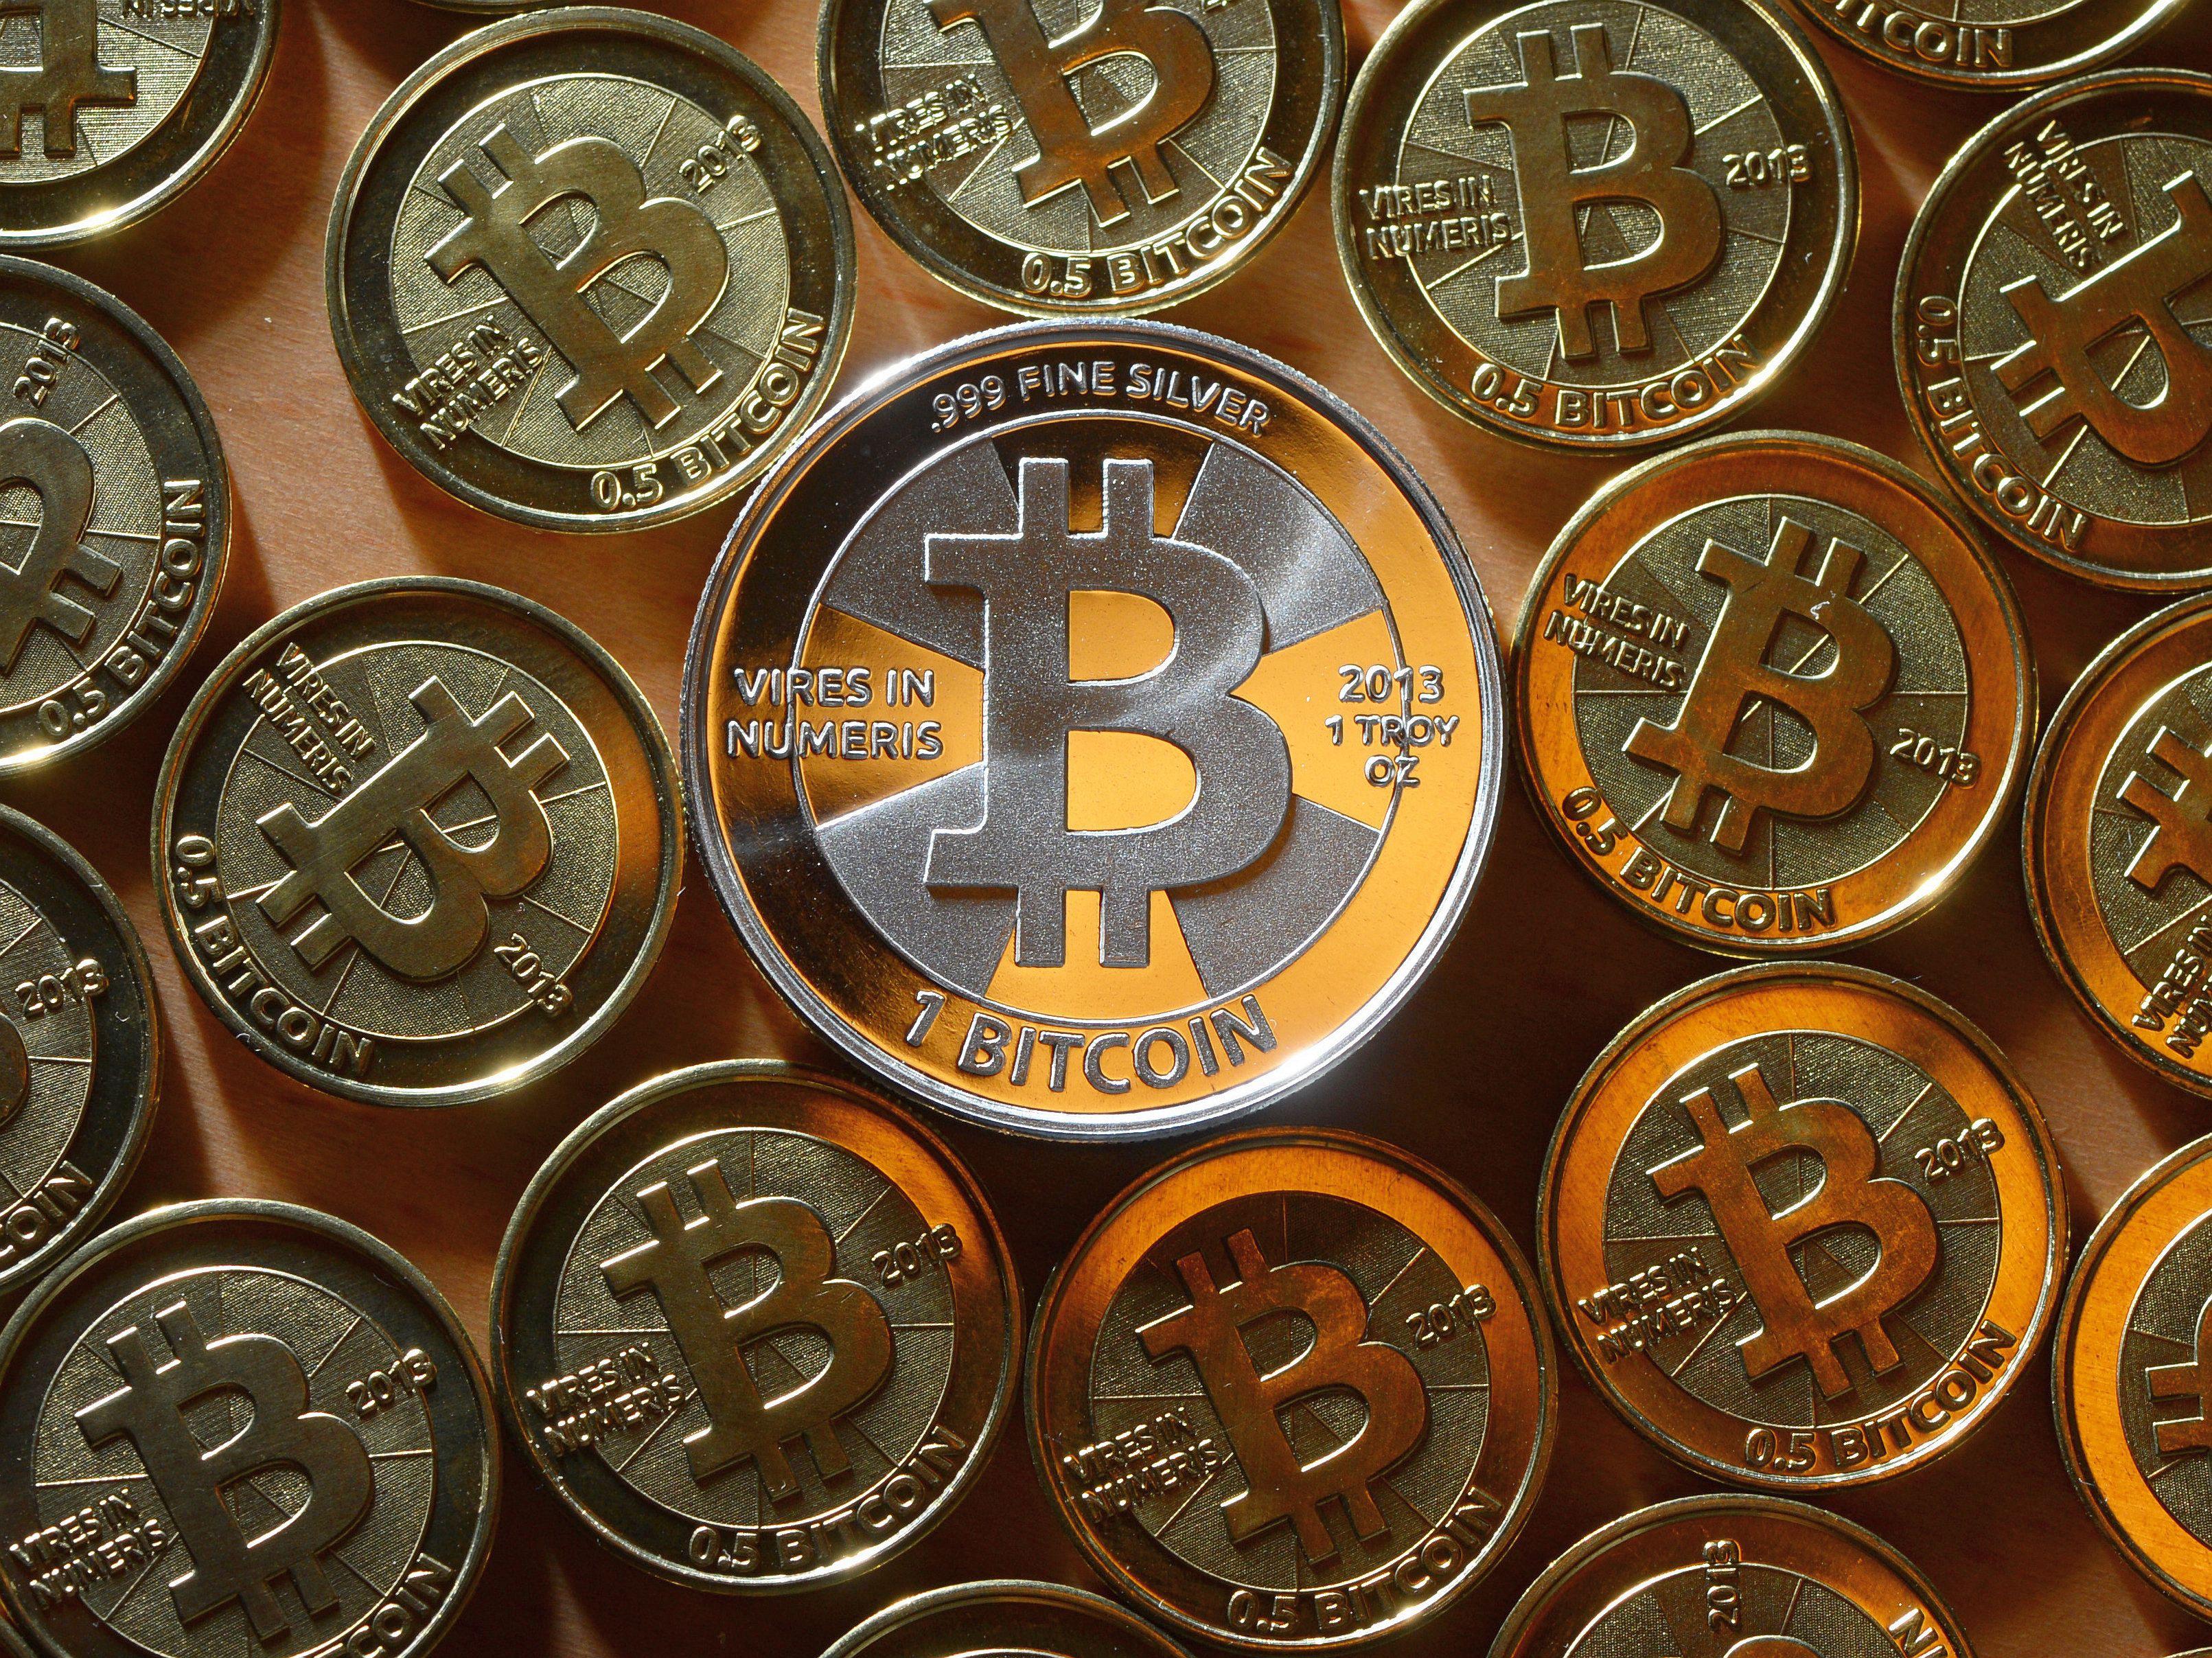 Valoarea tranzacţiilor globale în Bitcoin se va tripla în 2016